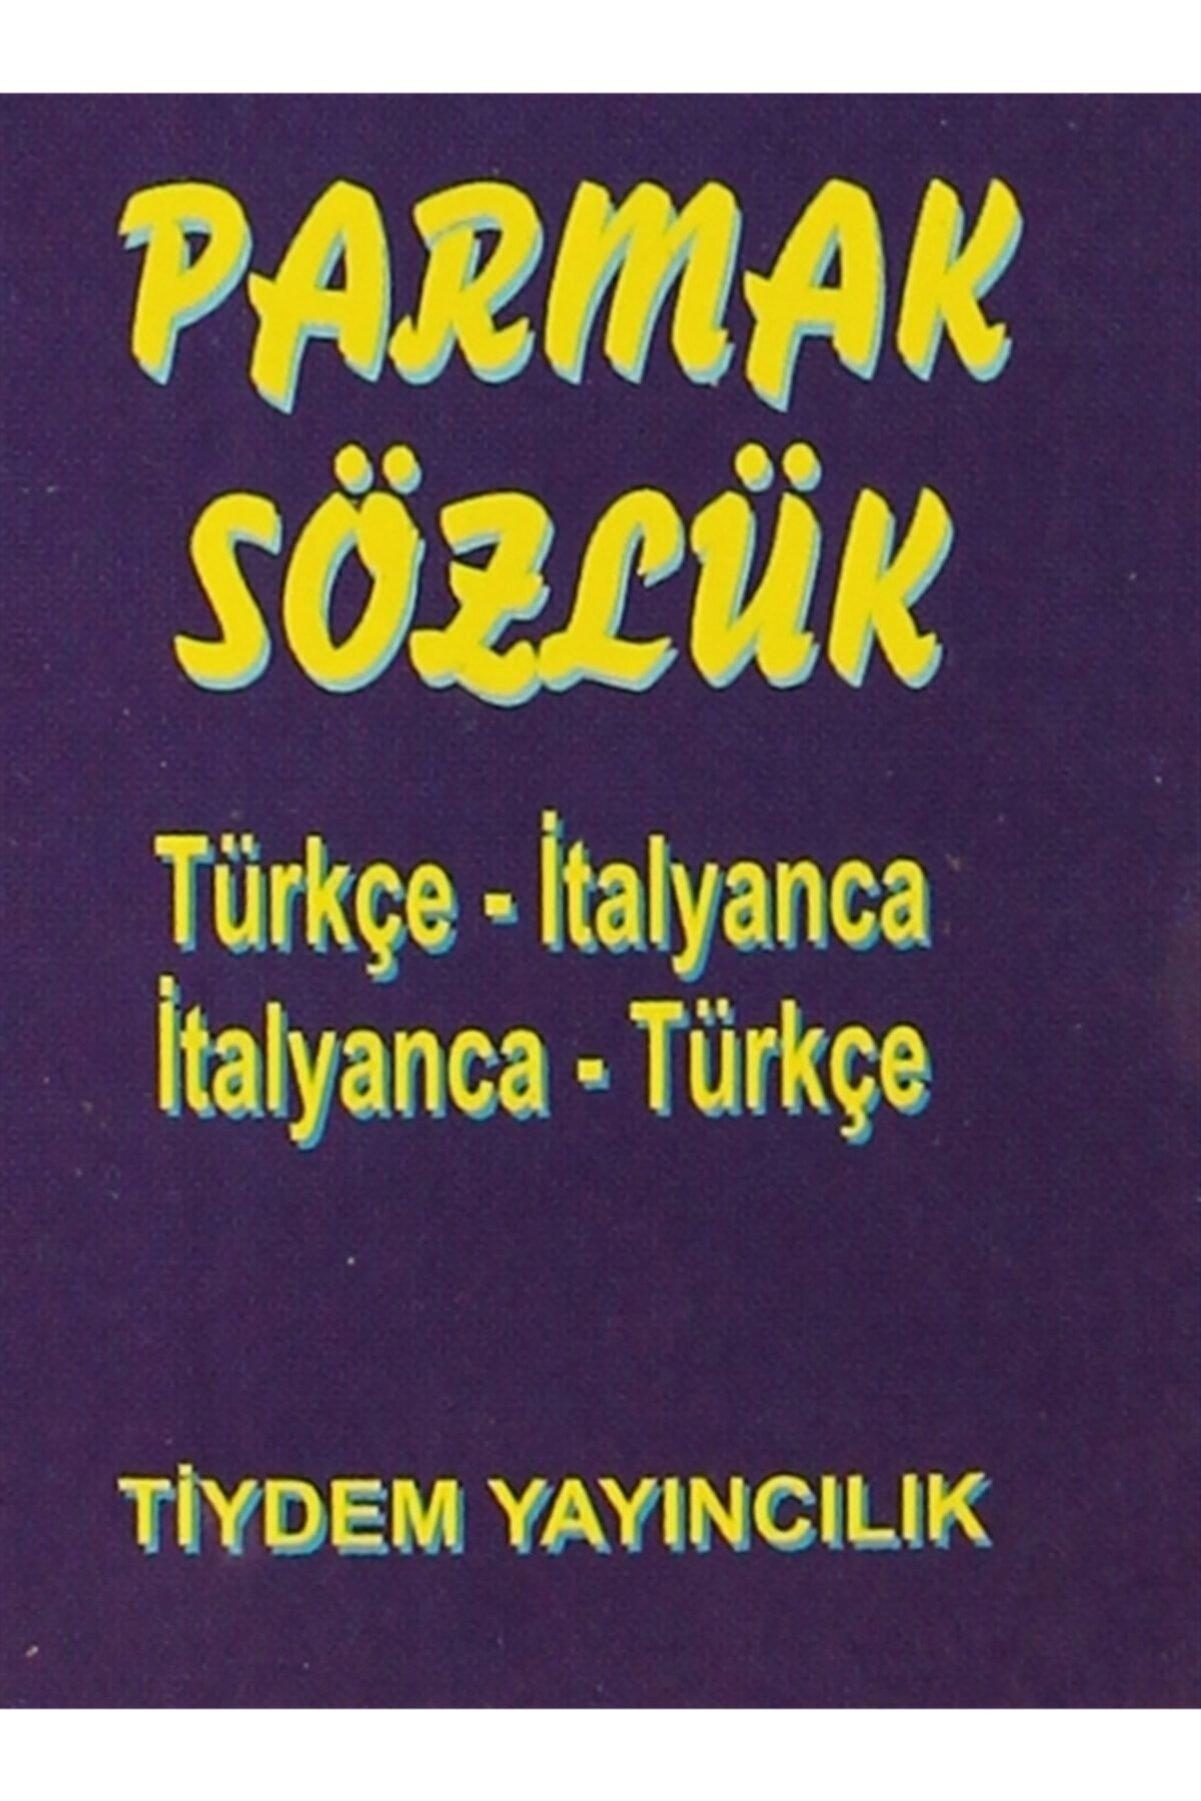 Tiydem Yayıncılık Parmak Sözlük Türkçe- Italyanca / Italyanca - Türkçe